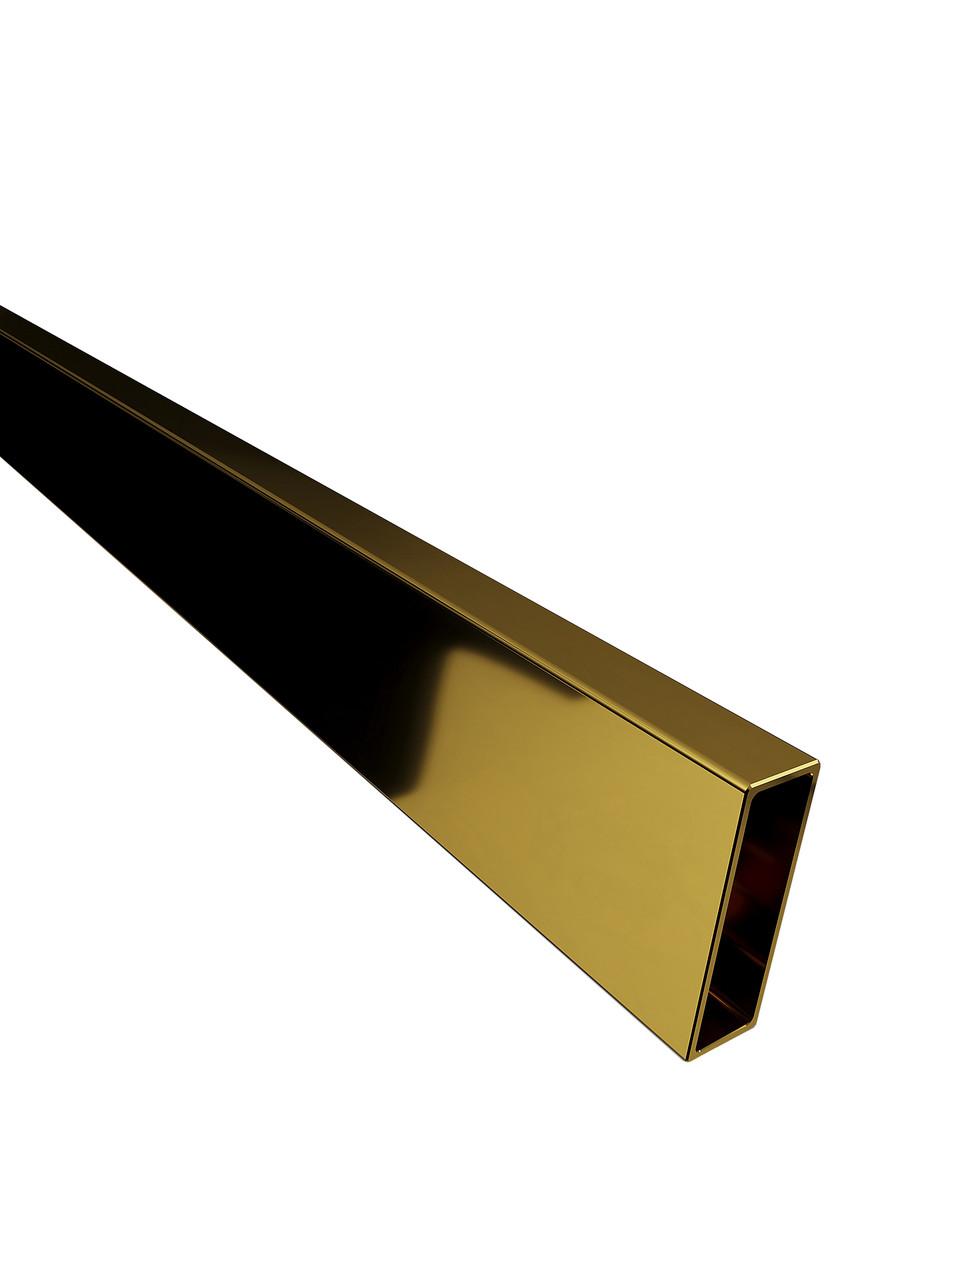 ODF-04-06-10-L1200 Рейок 30х10 під розсувну душову перегородку, золото